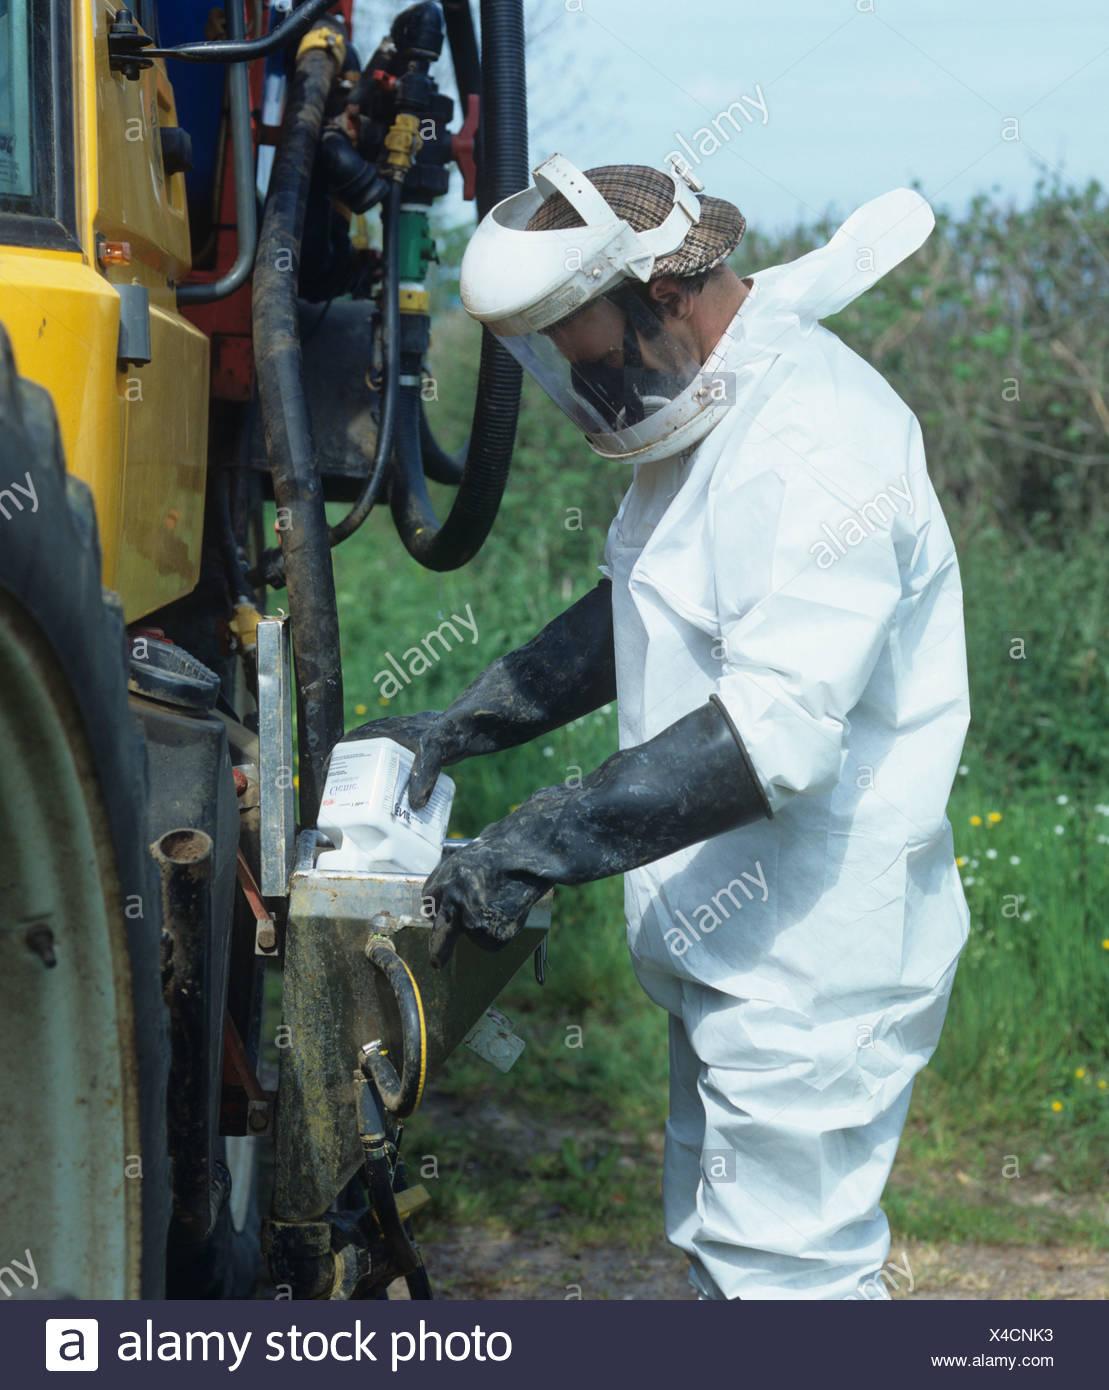 Conductor del tractor en plena ropa agregar productos químicos al tanque pulverizador de un pulverizador Imagen De Stock